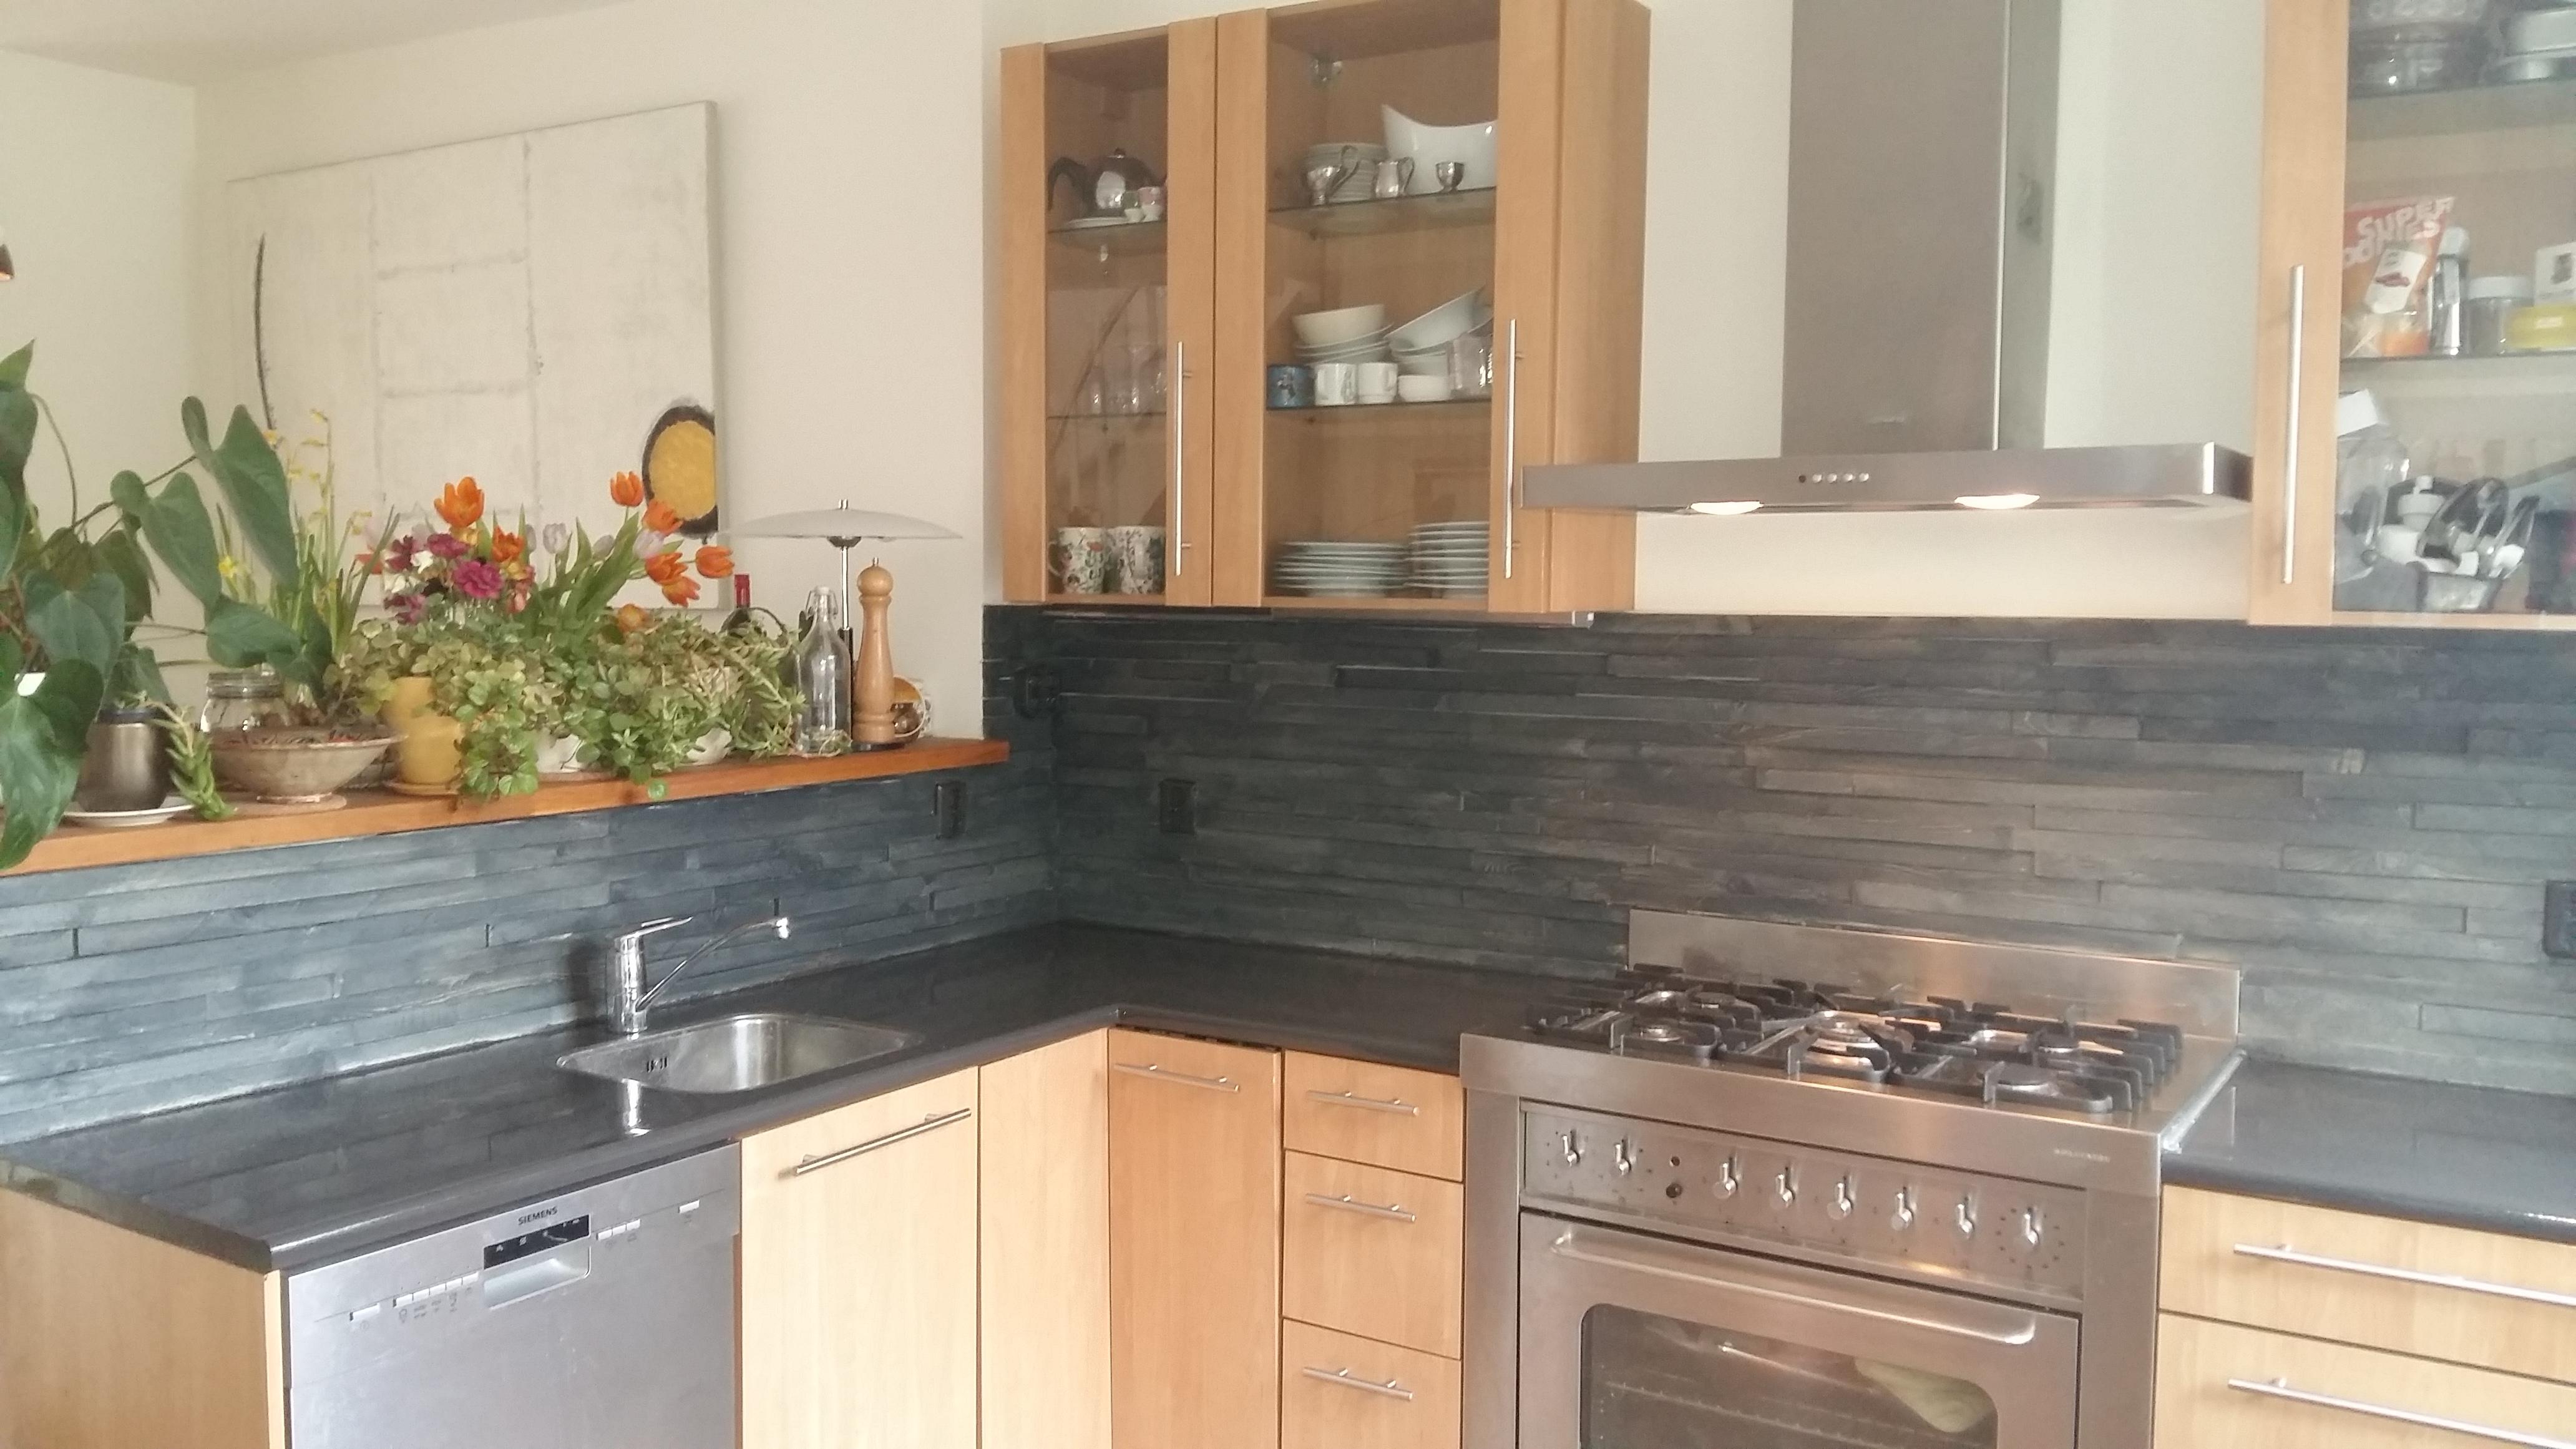 Keuken Met Boekenkast : Boekenkast en facelift keuken